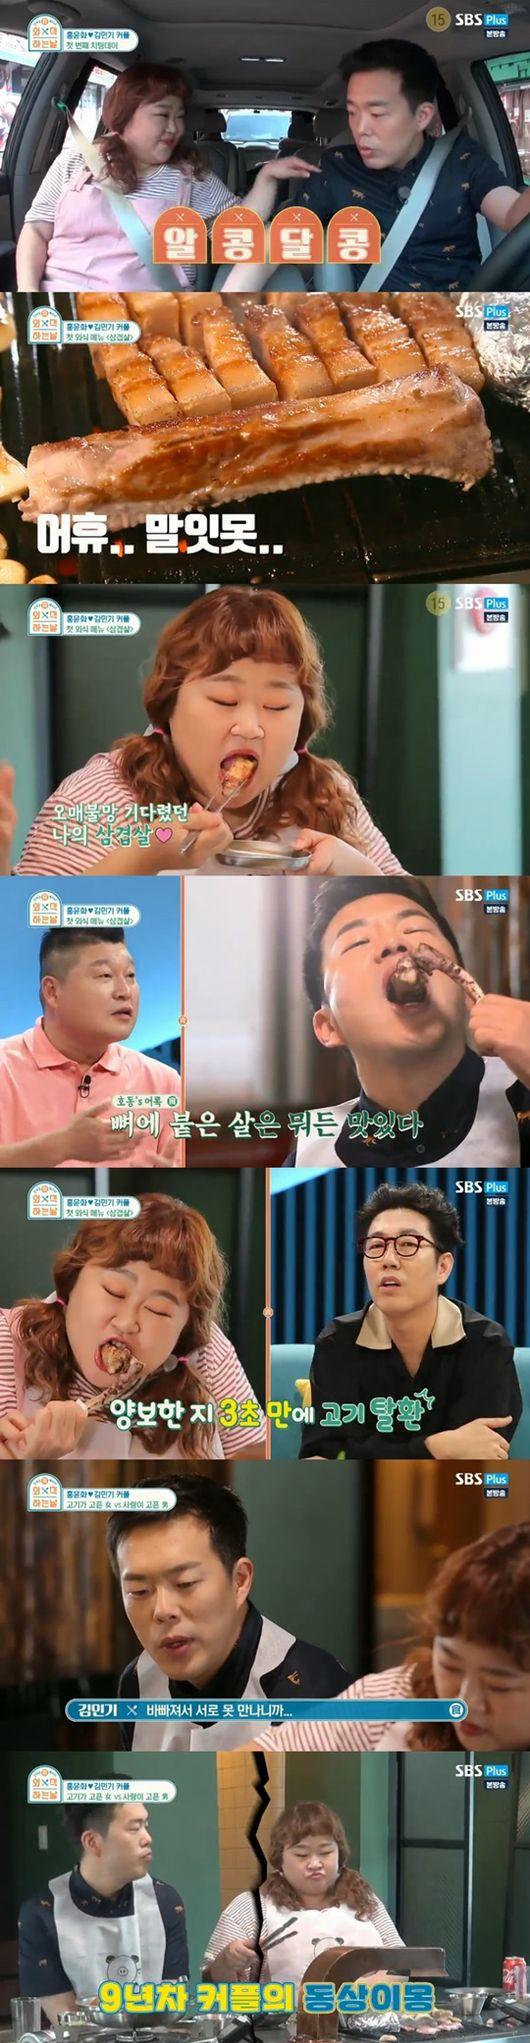 '외식하는 날' 첫방, 맛+꿀잼 다 잡은 '新개념 먹방 관찰' [종합]